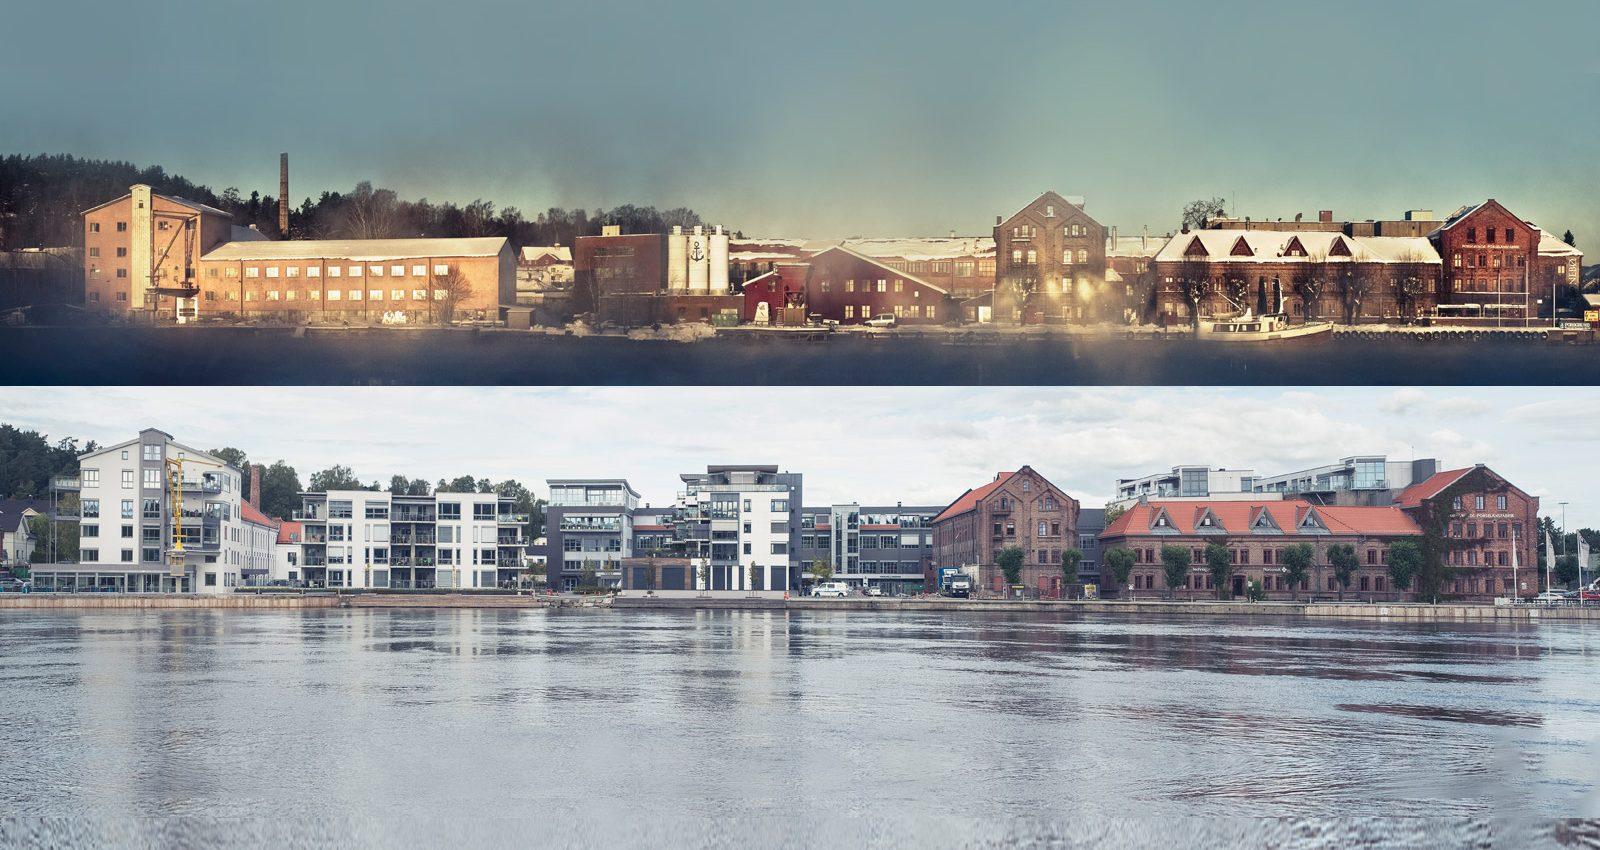 bratsberg-porselensfabrikken-foer-naa-ny-profil-ny-topp